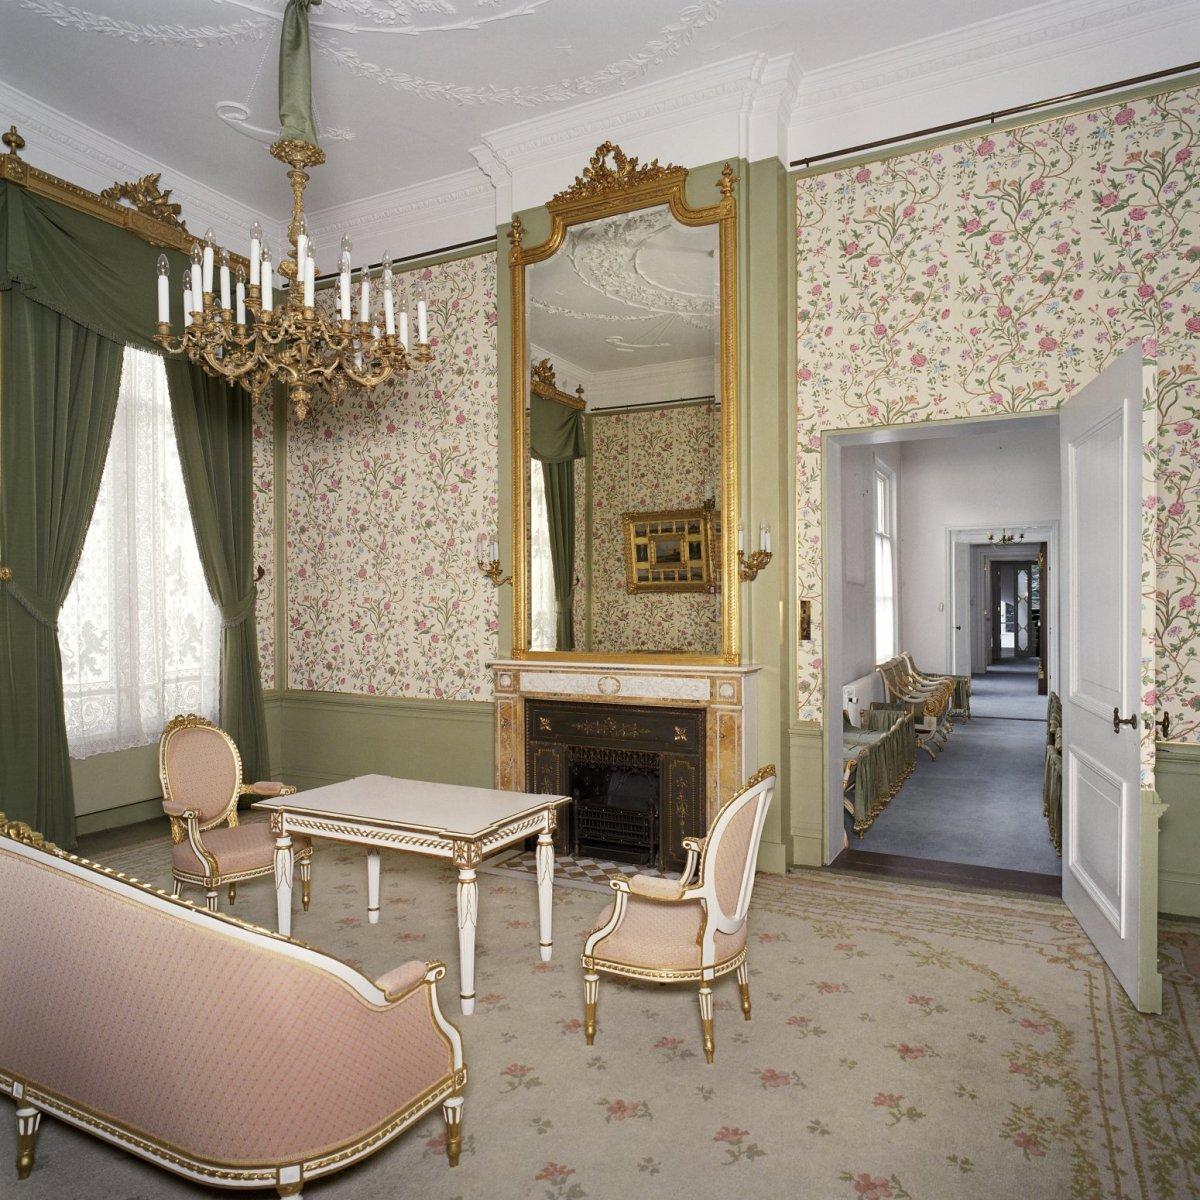 file interieur overzicht van de kamer van hare majesteit